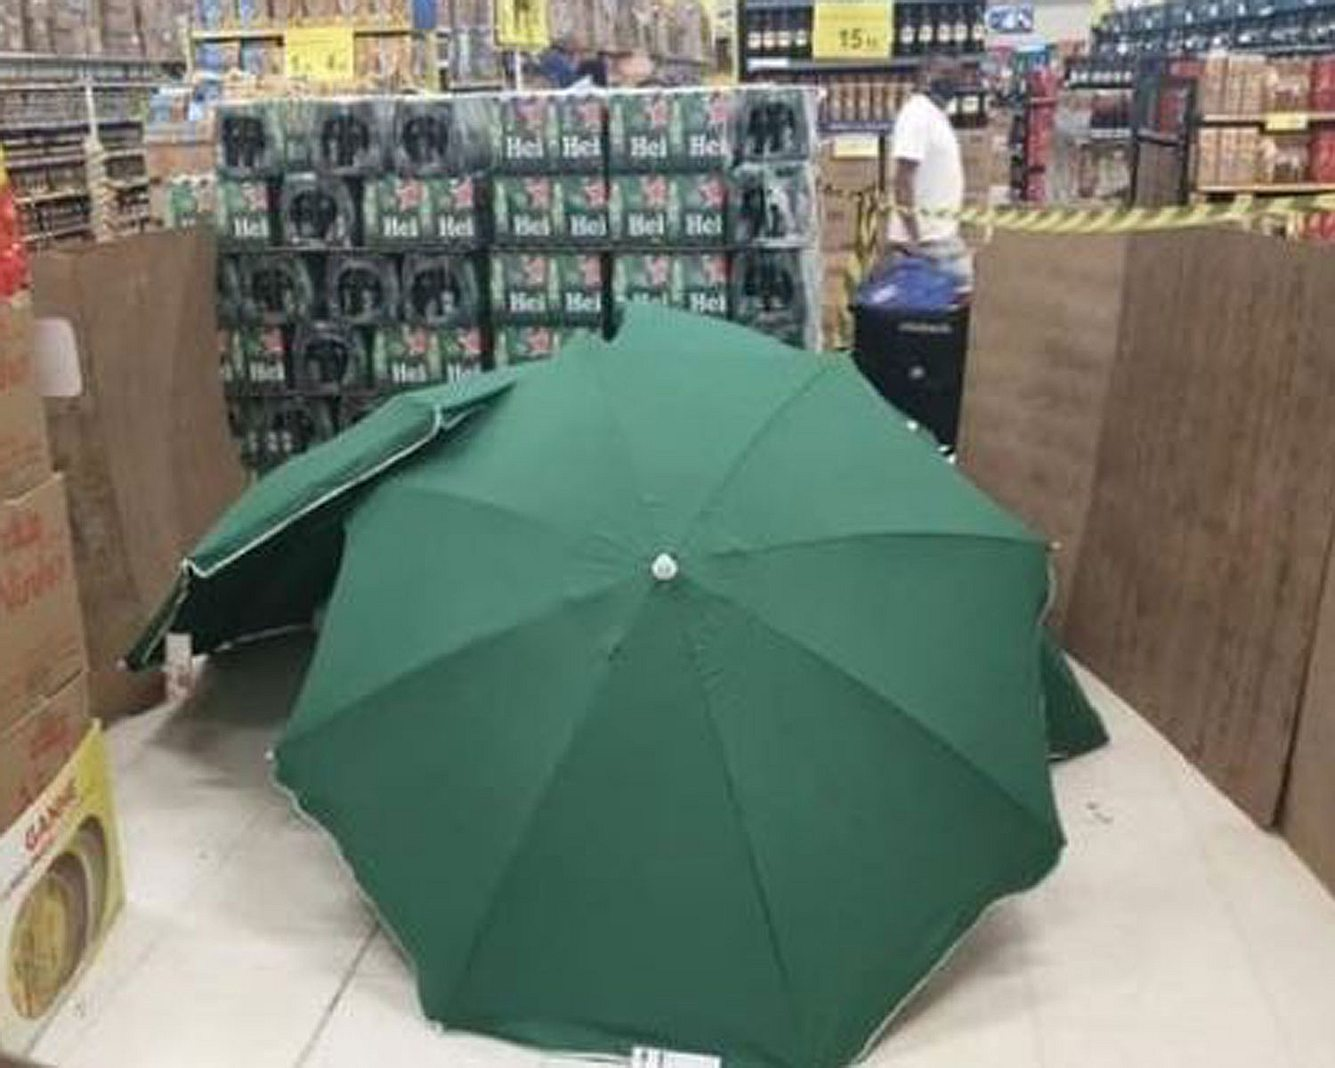 Regenschirm über einem Leichnam in Supermarkt